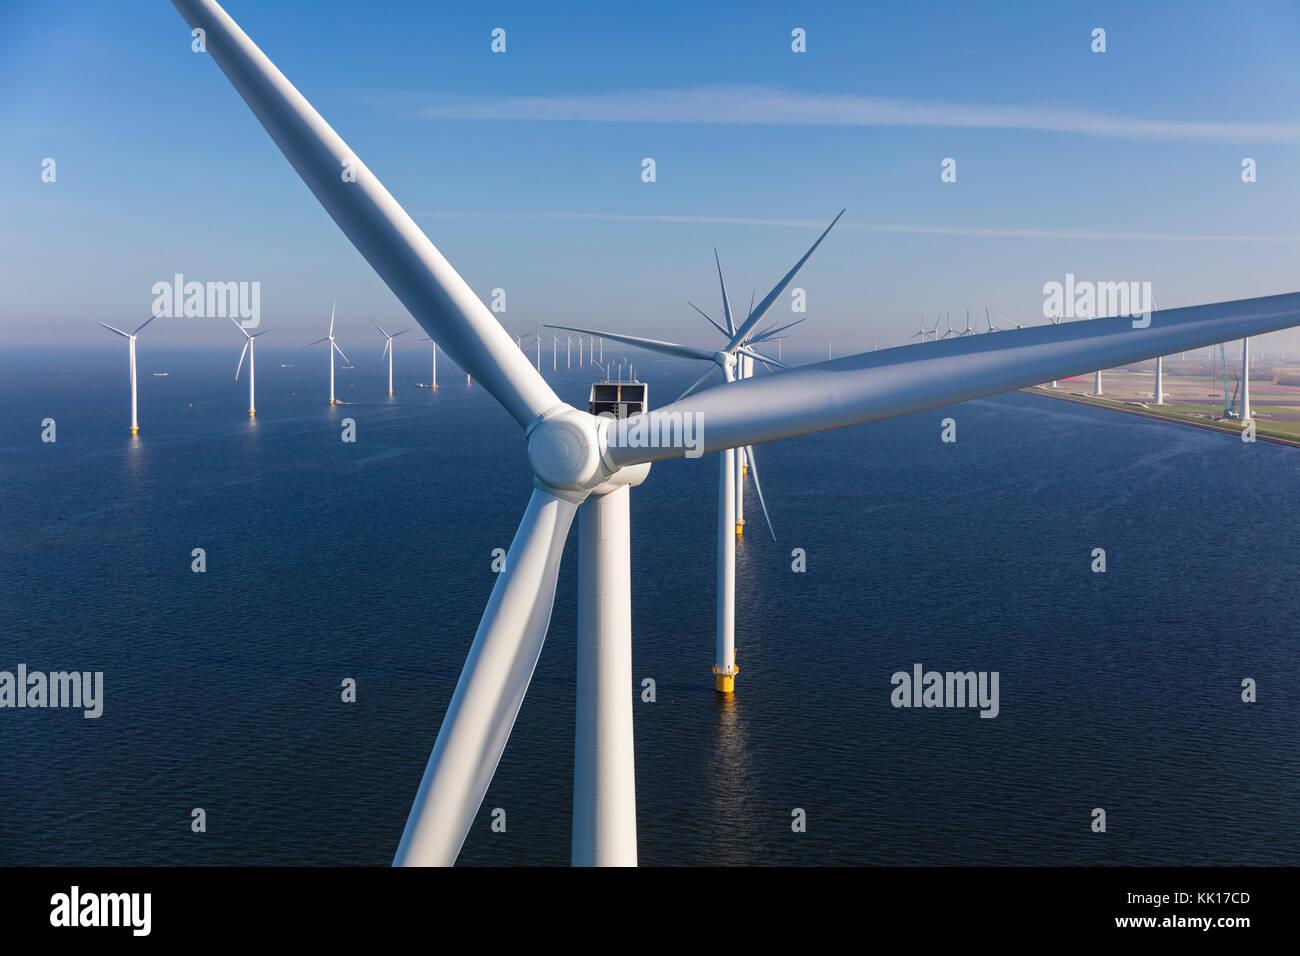 Vista aérea de las turbinas eólicas en el mar, al norte de Holanda, países bajos Foto de stock